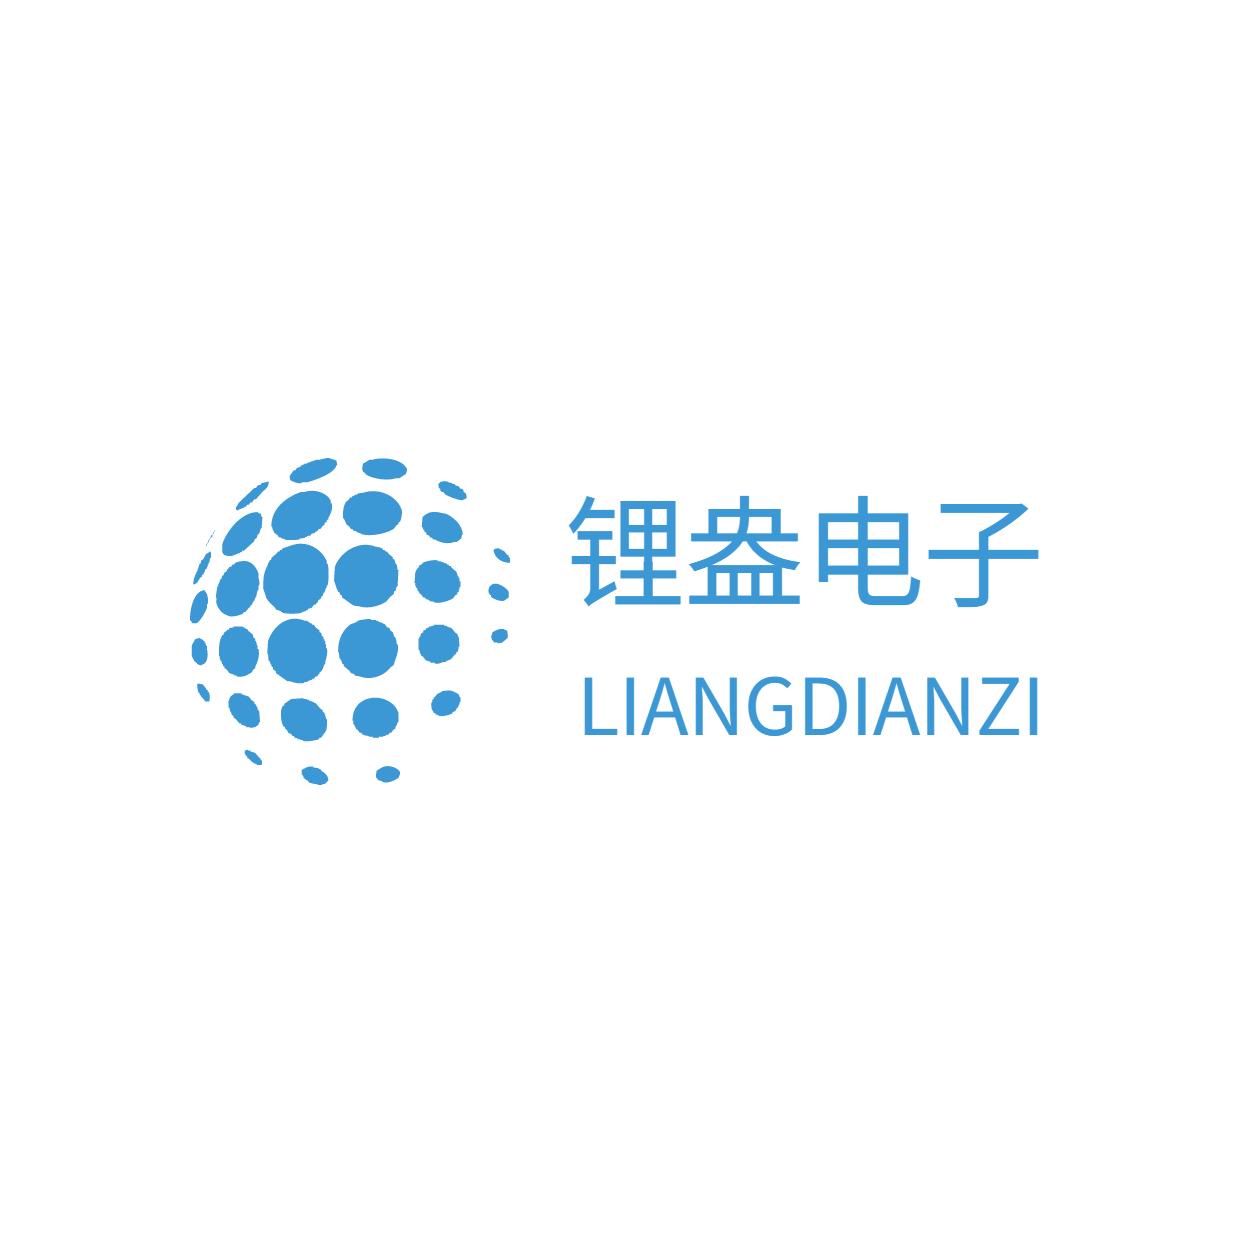 上海锂盎电子科技有限公司